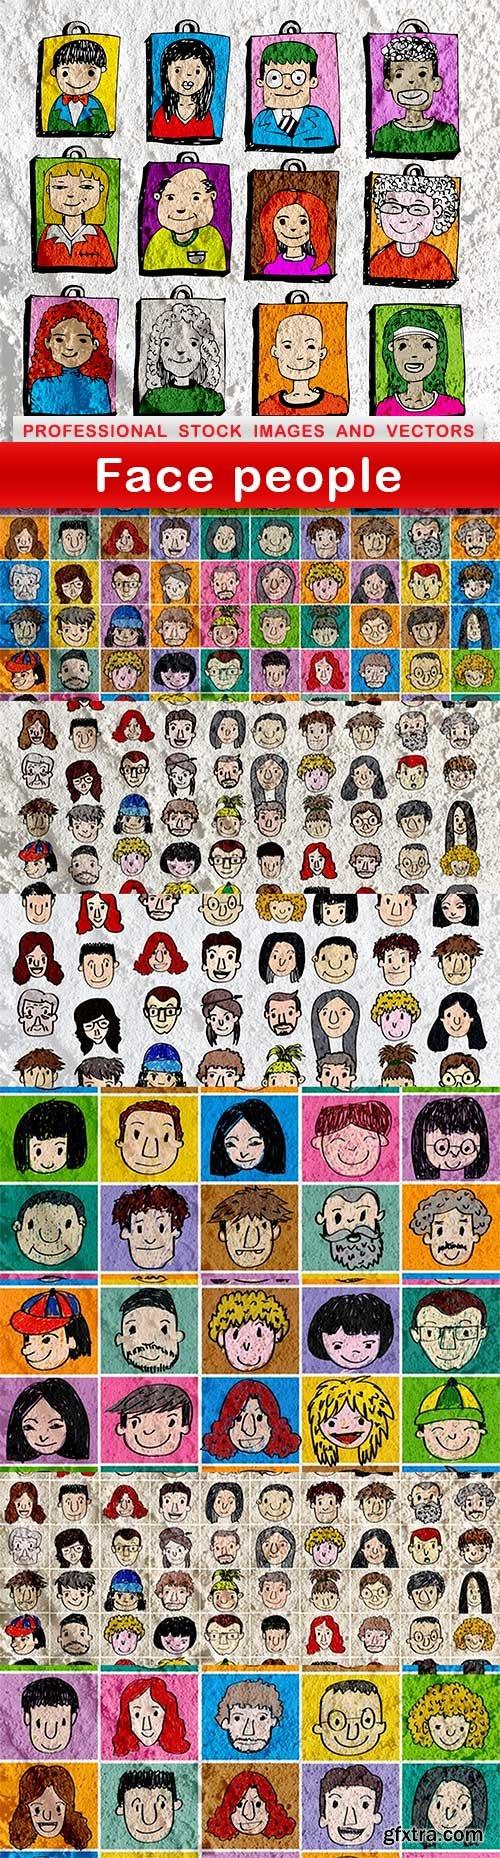 Face people - 8 UHQ JPEG